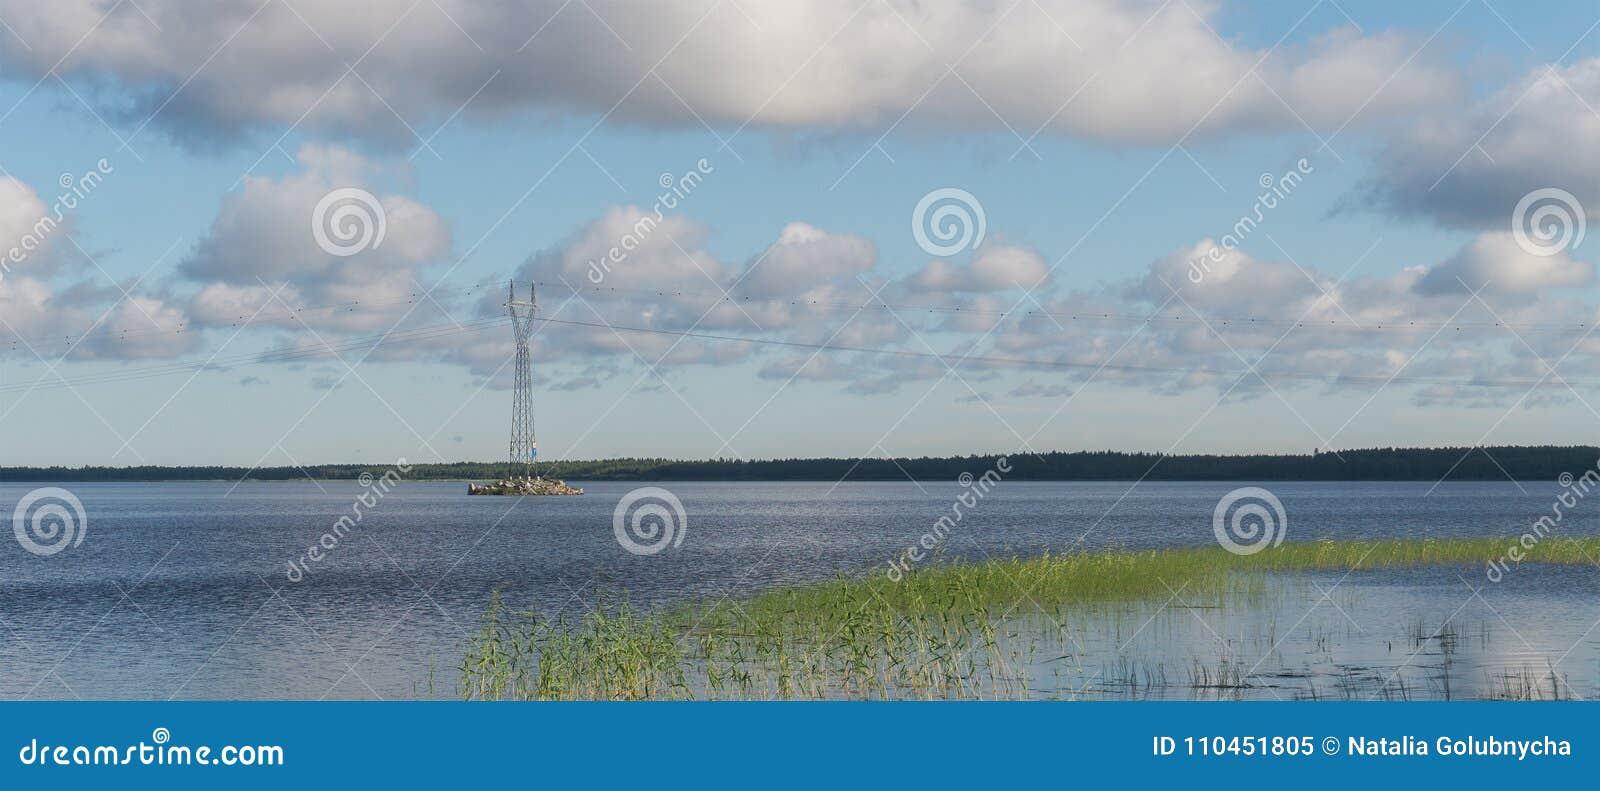 Hög-spänning service på ön av sjön